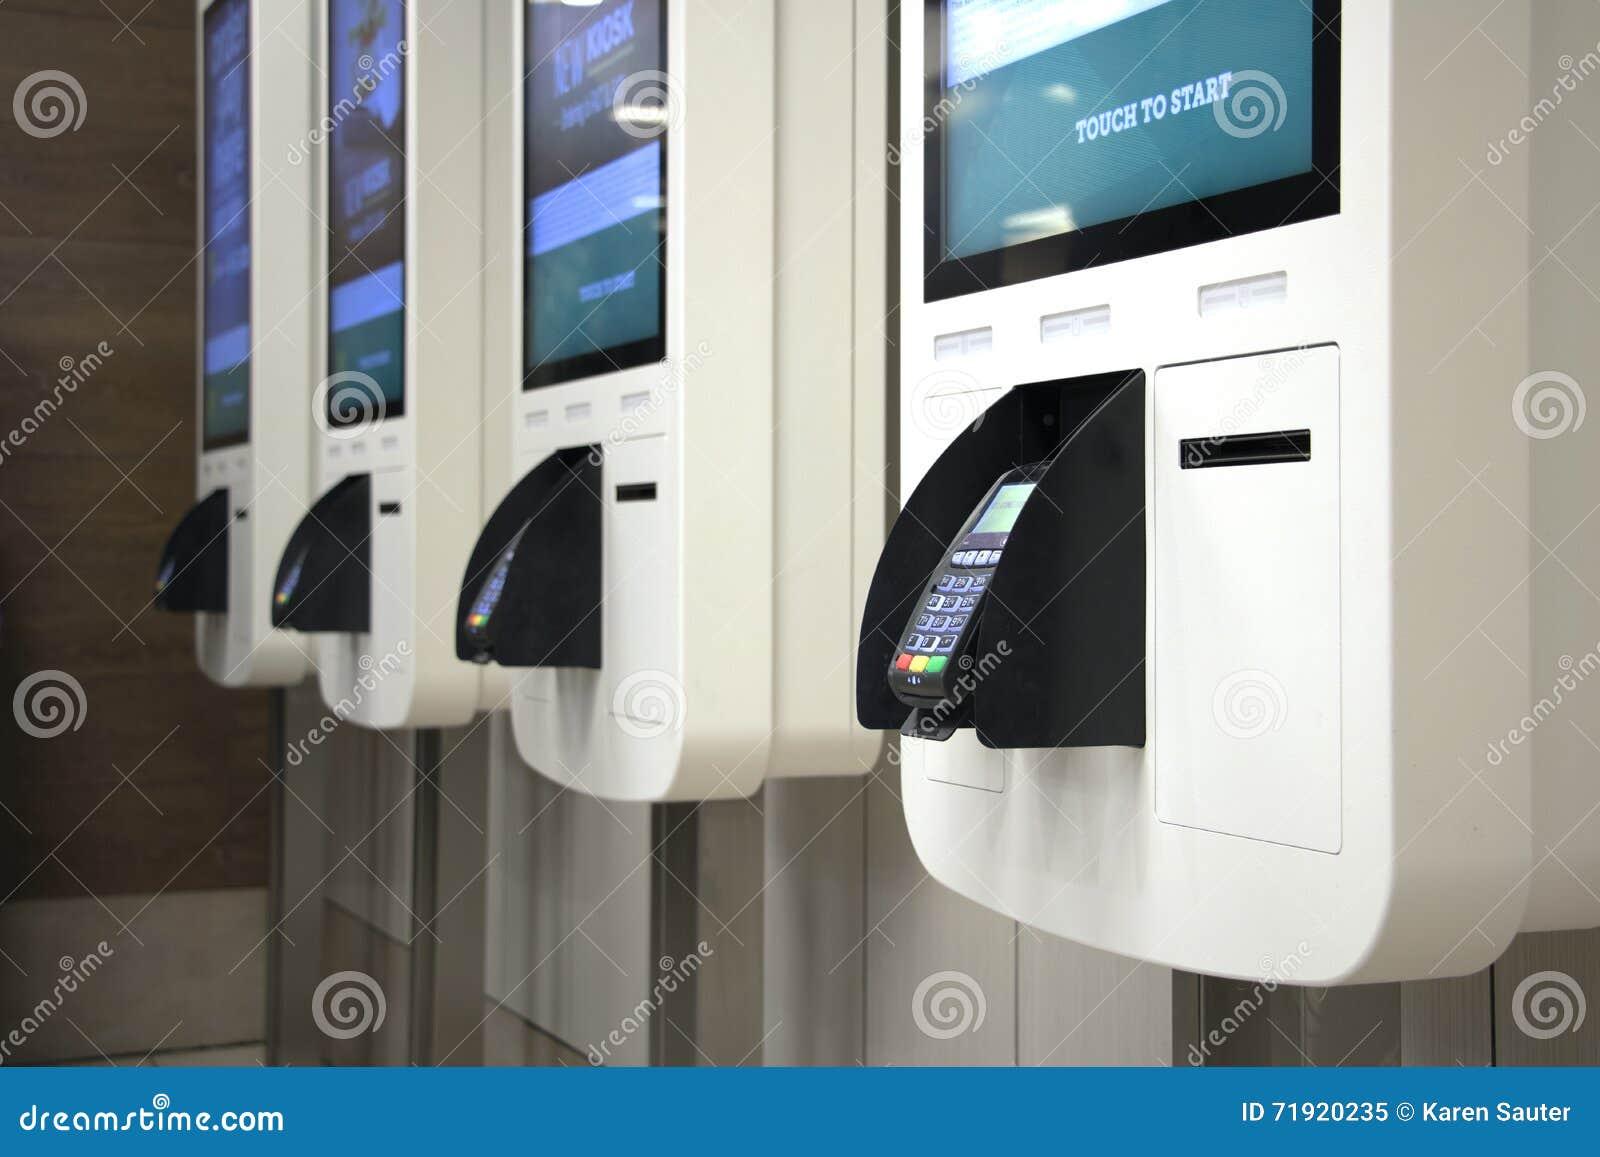 Kiosque de paiement